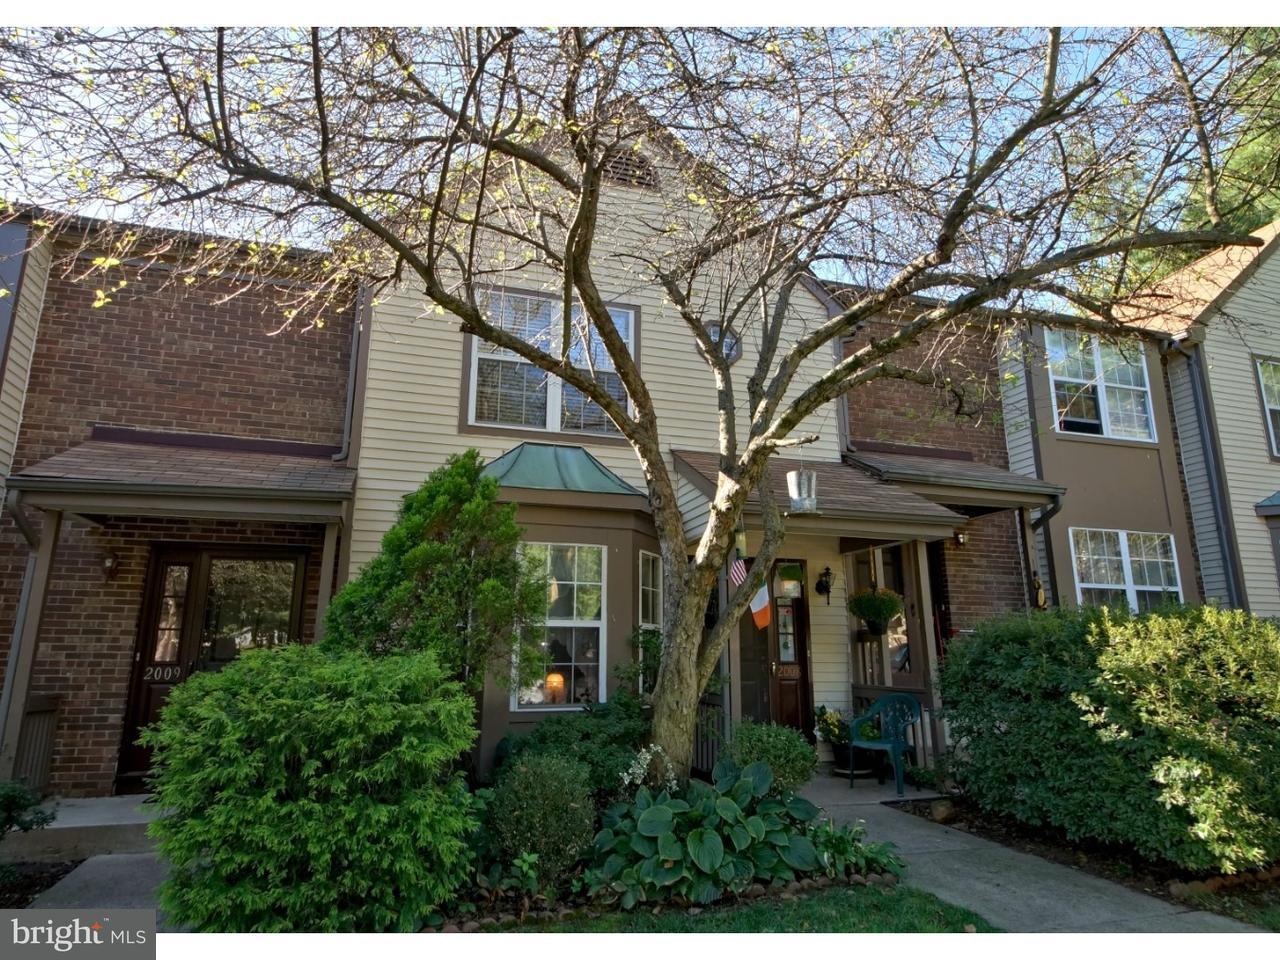 タウンハウス のために 売買 アット 2008 SANDLEWOOD Court Monmouth Junction, ニュージャージー 08852 アメリカ合衆国で/アラウンド: South Brunswick Township